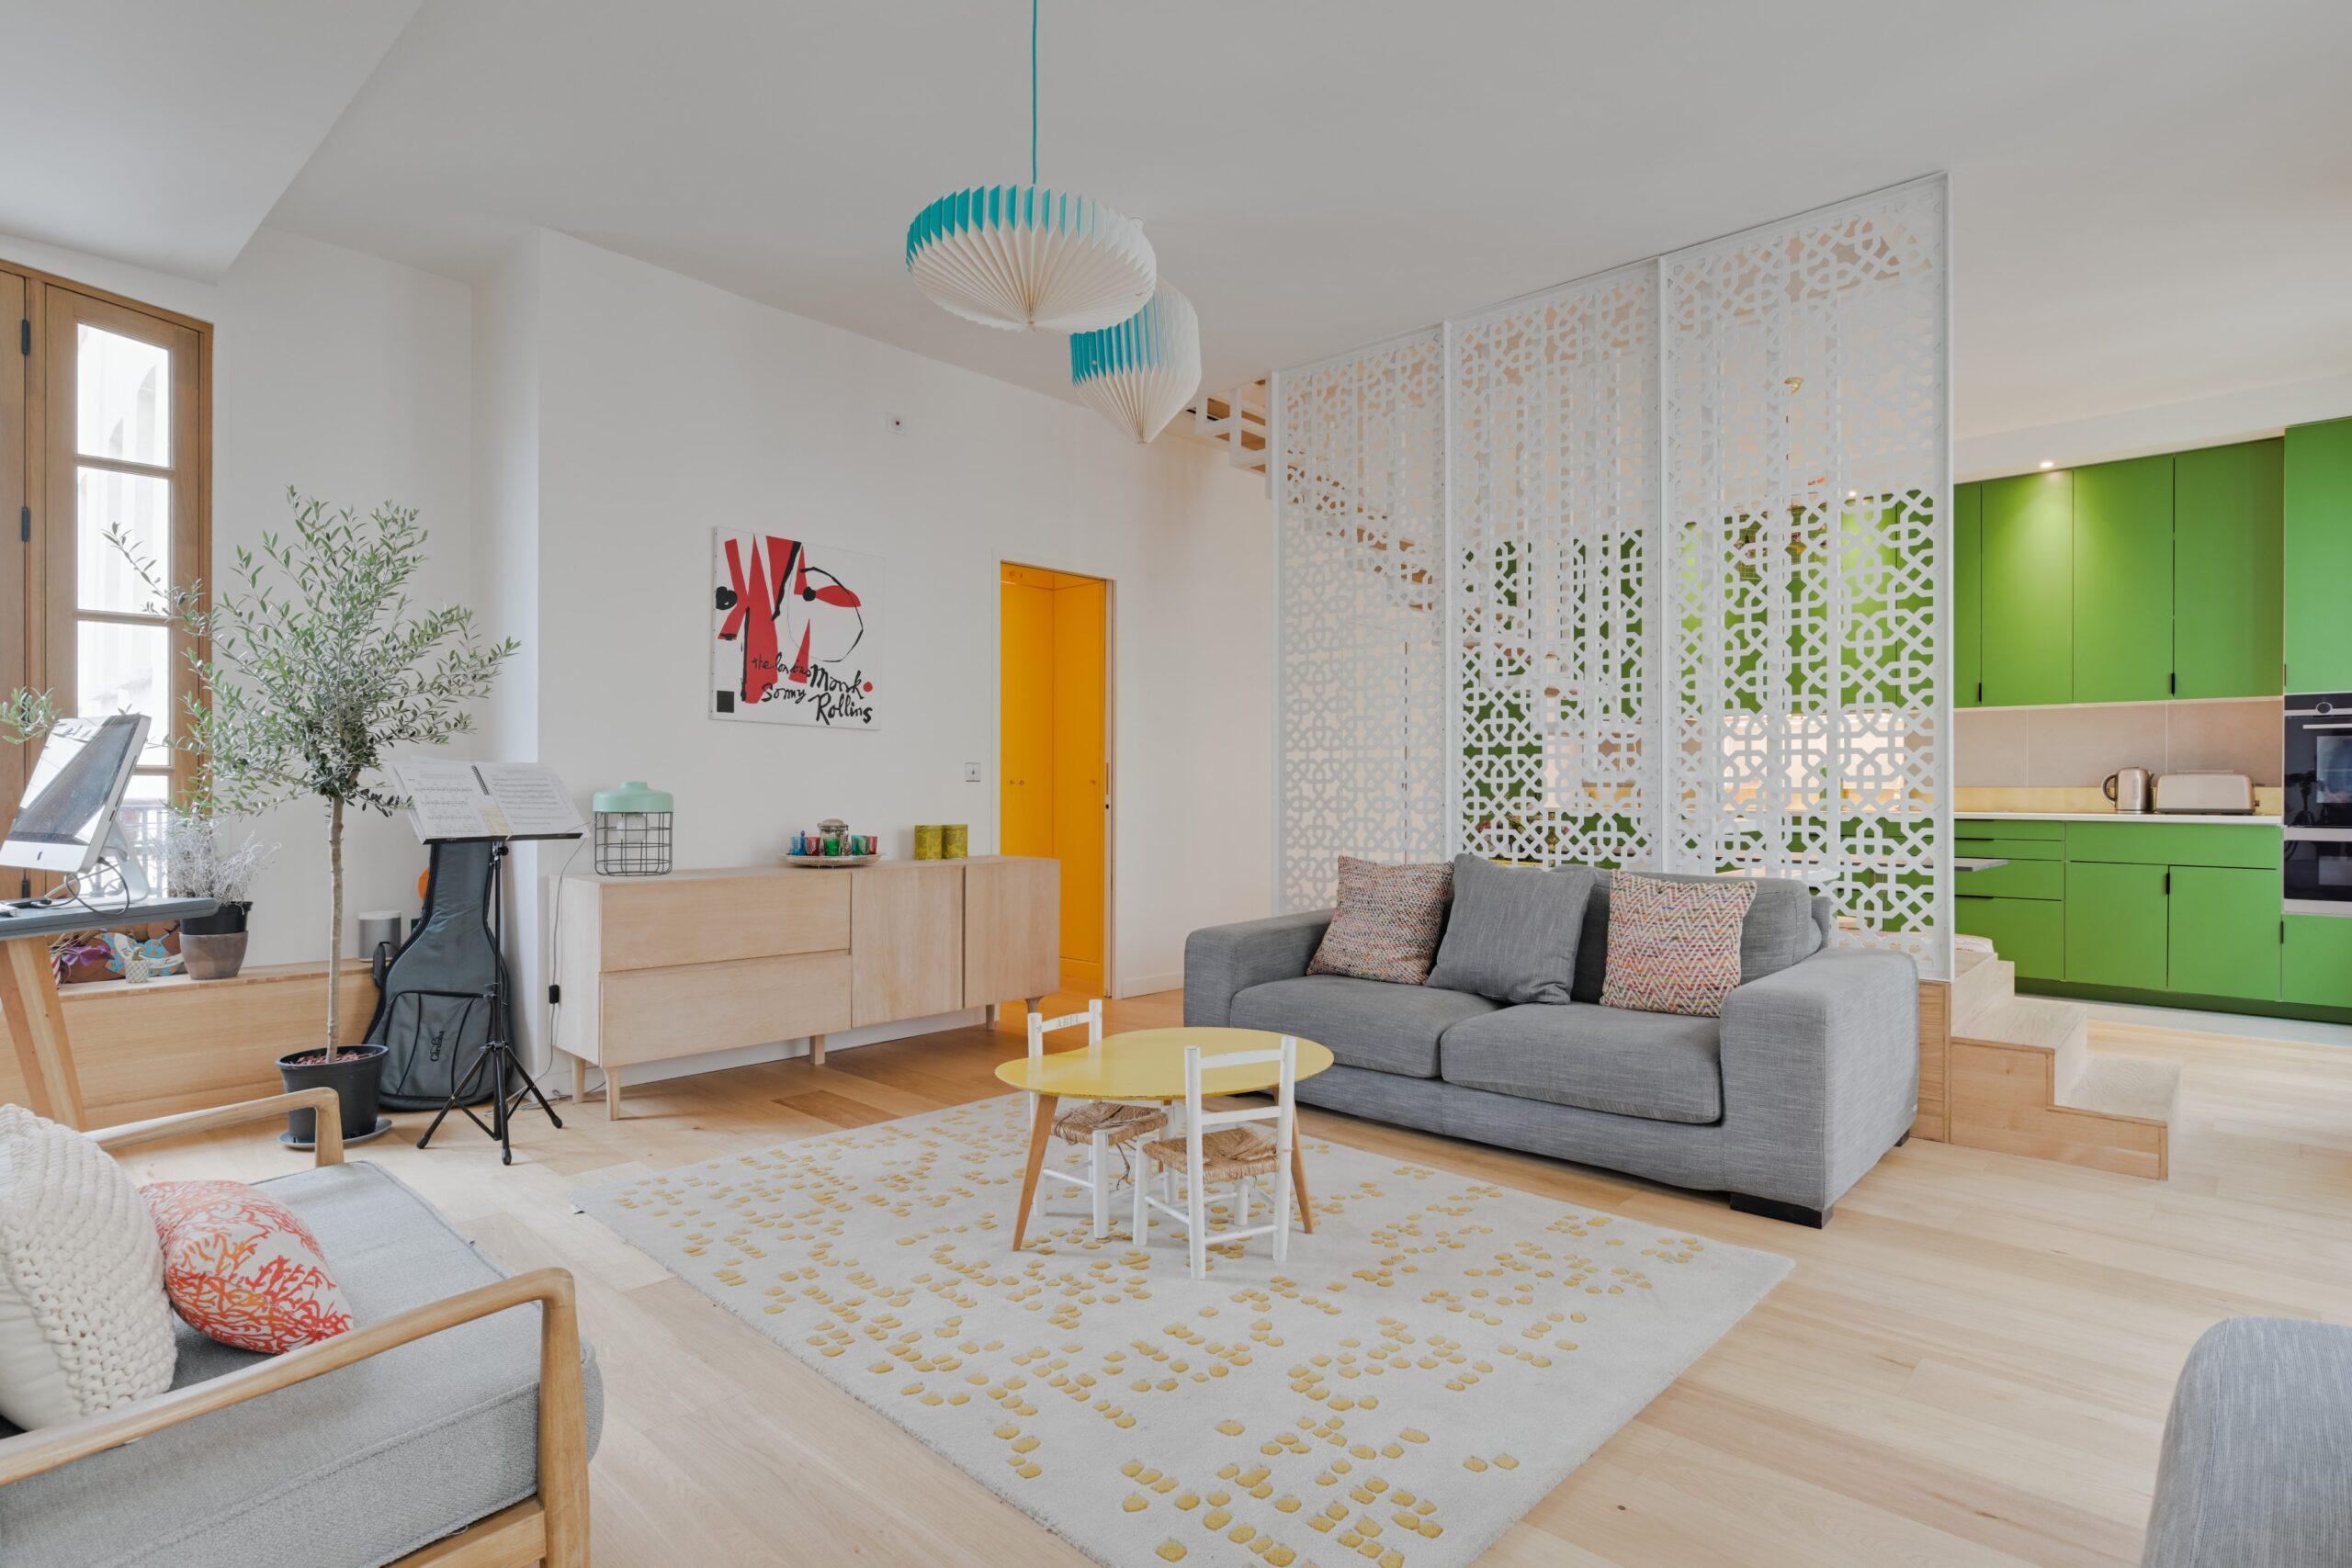 paris-11-renovation-duplex-architecture-interieur-favresse-architectes-15-min